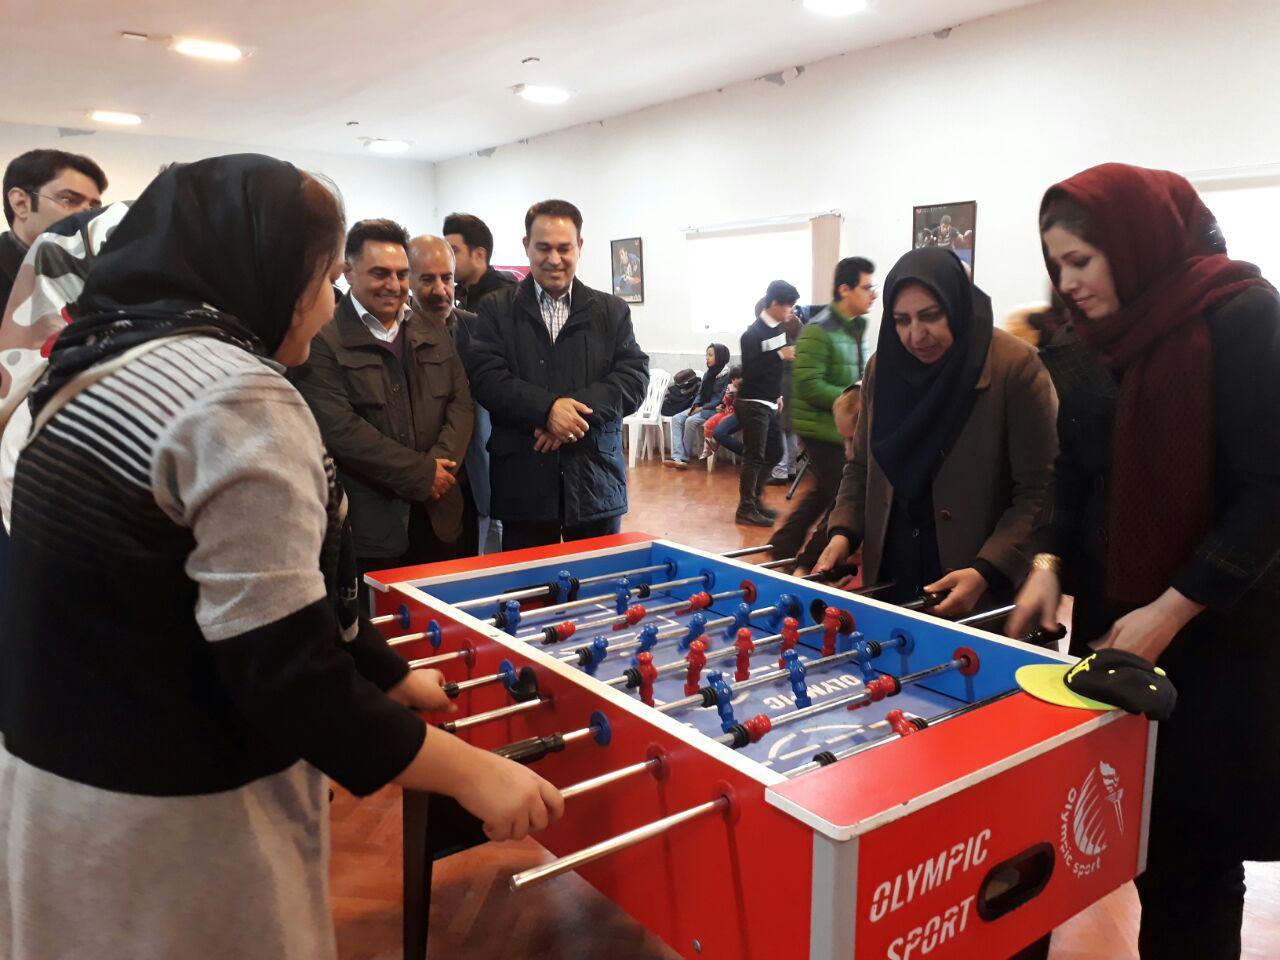 هفته دوم المپیاد ورزشی شهر معرفت برگزار شد/ رقابت 50 خانواده بجنوردی در فوتبال دستی